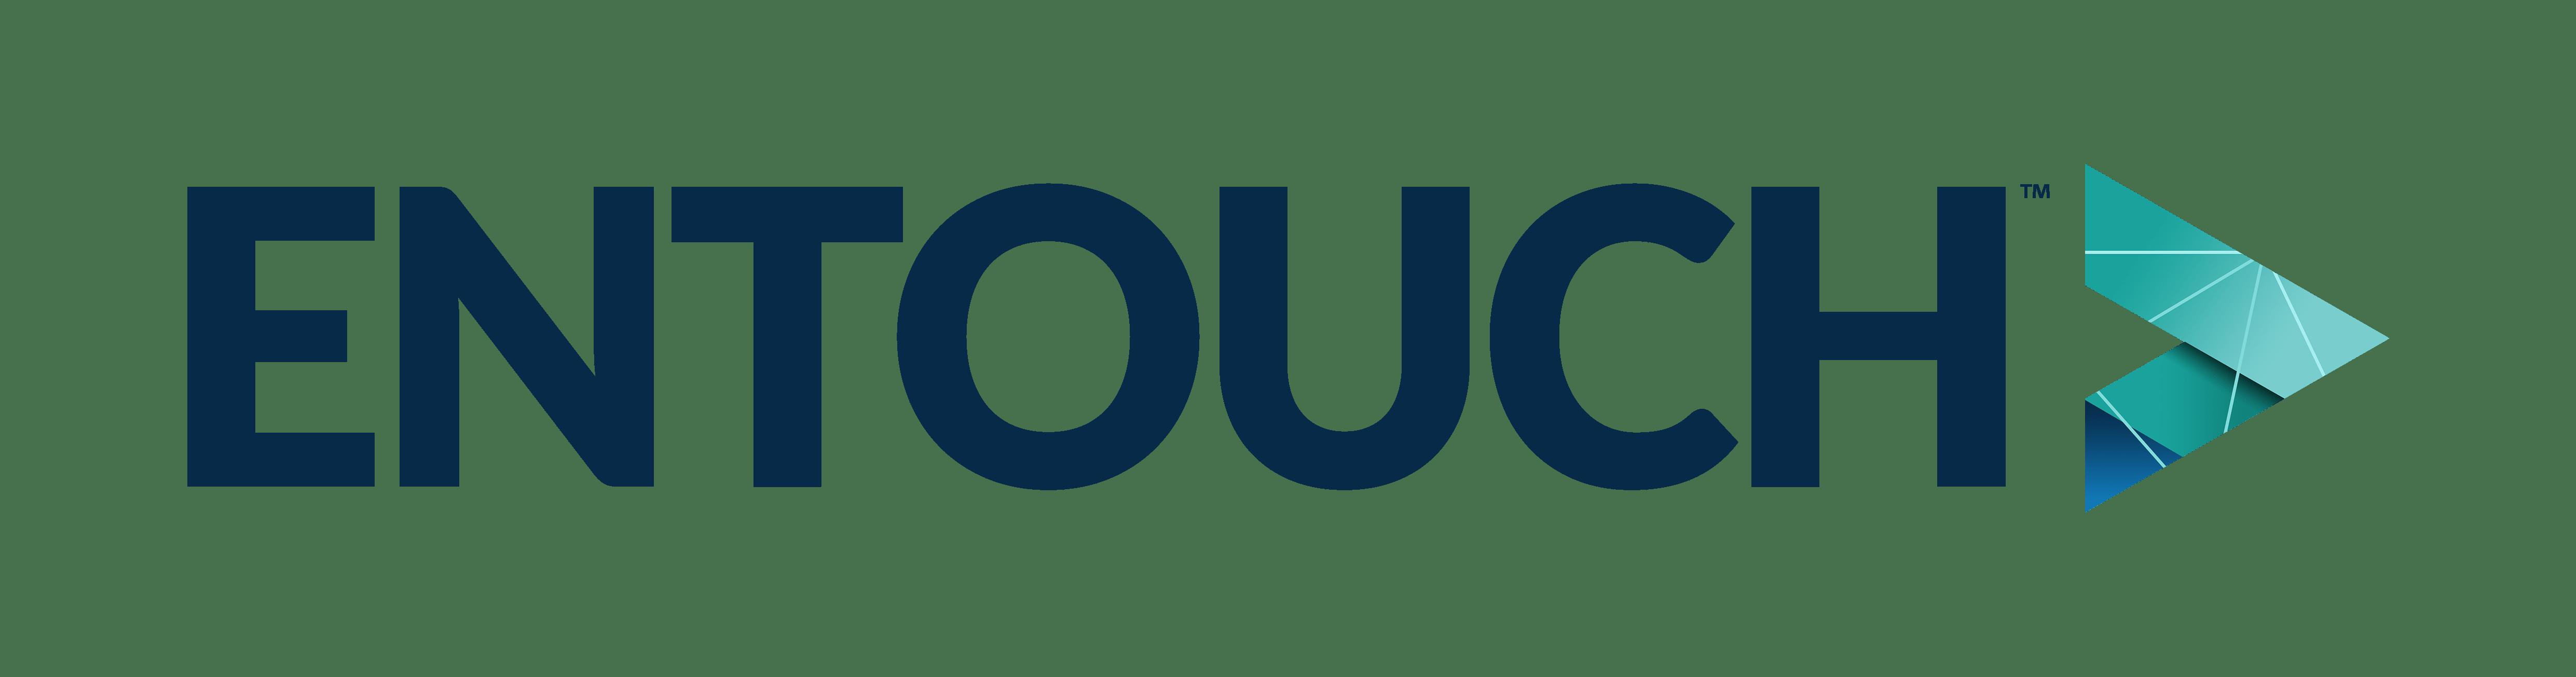 entouch_logomark-min